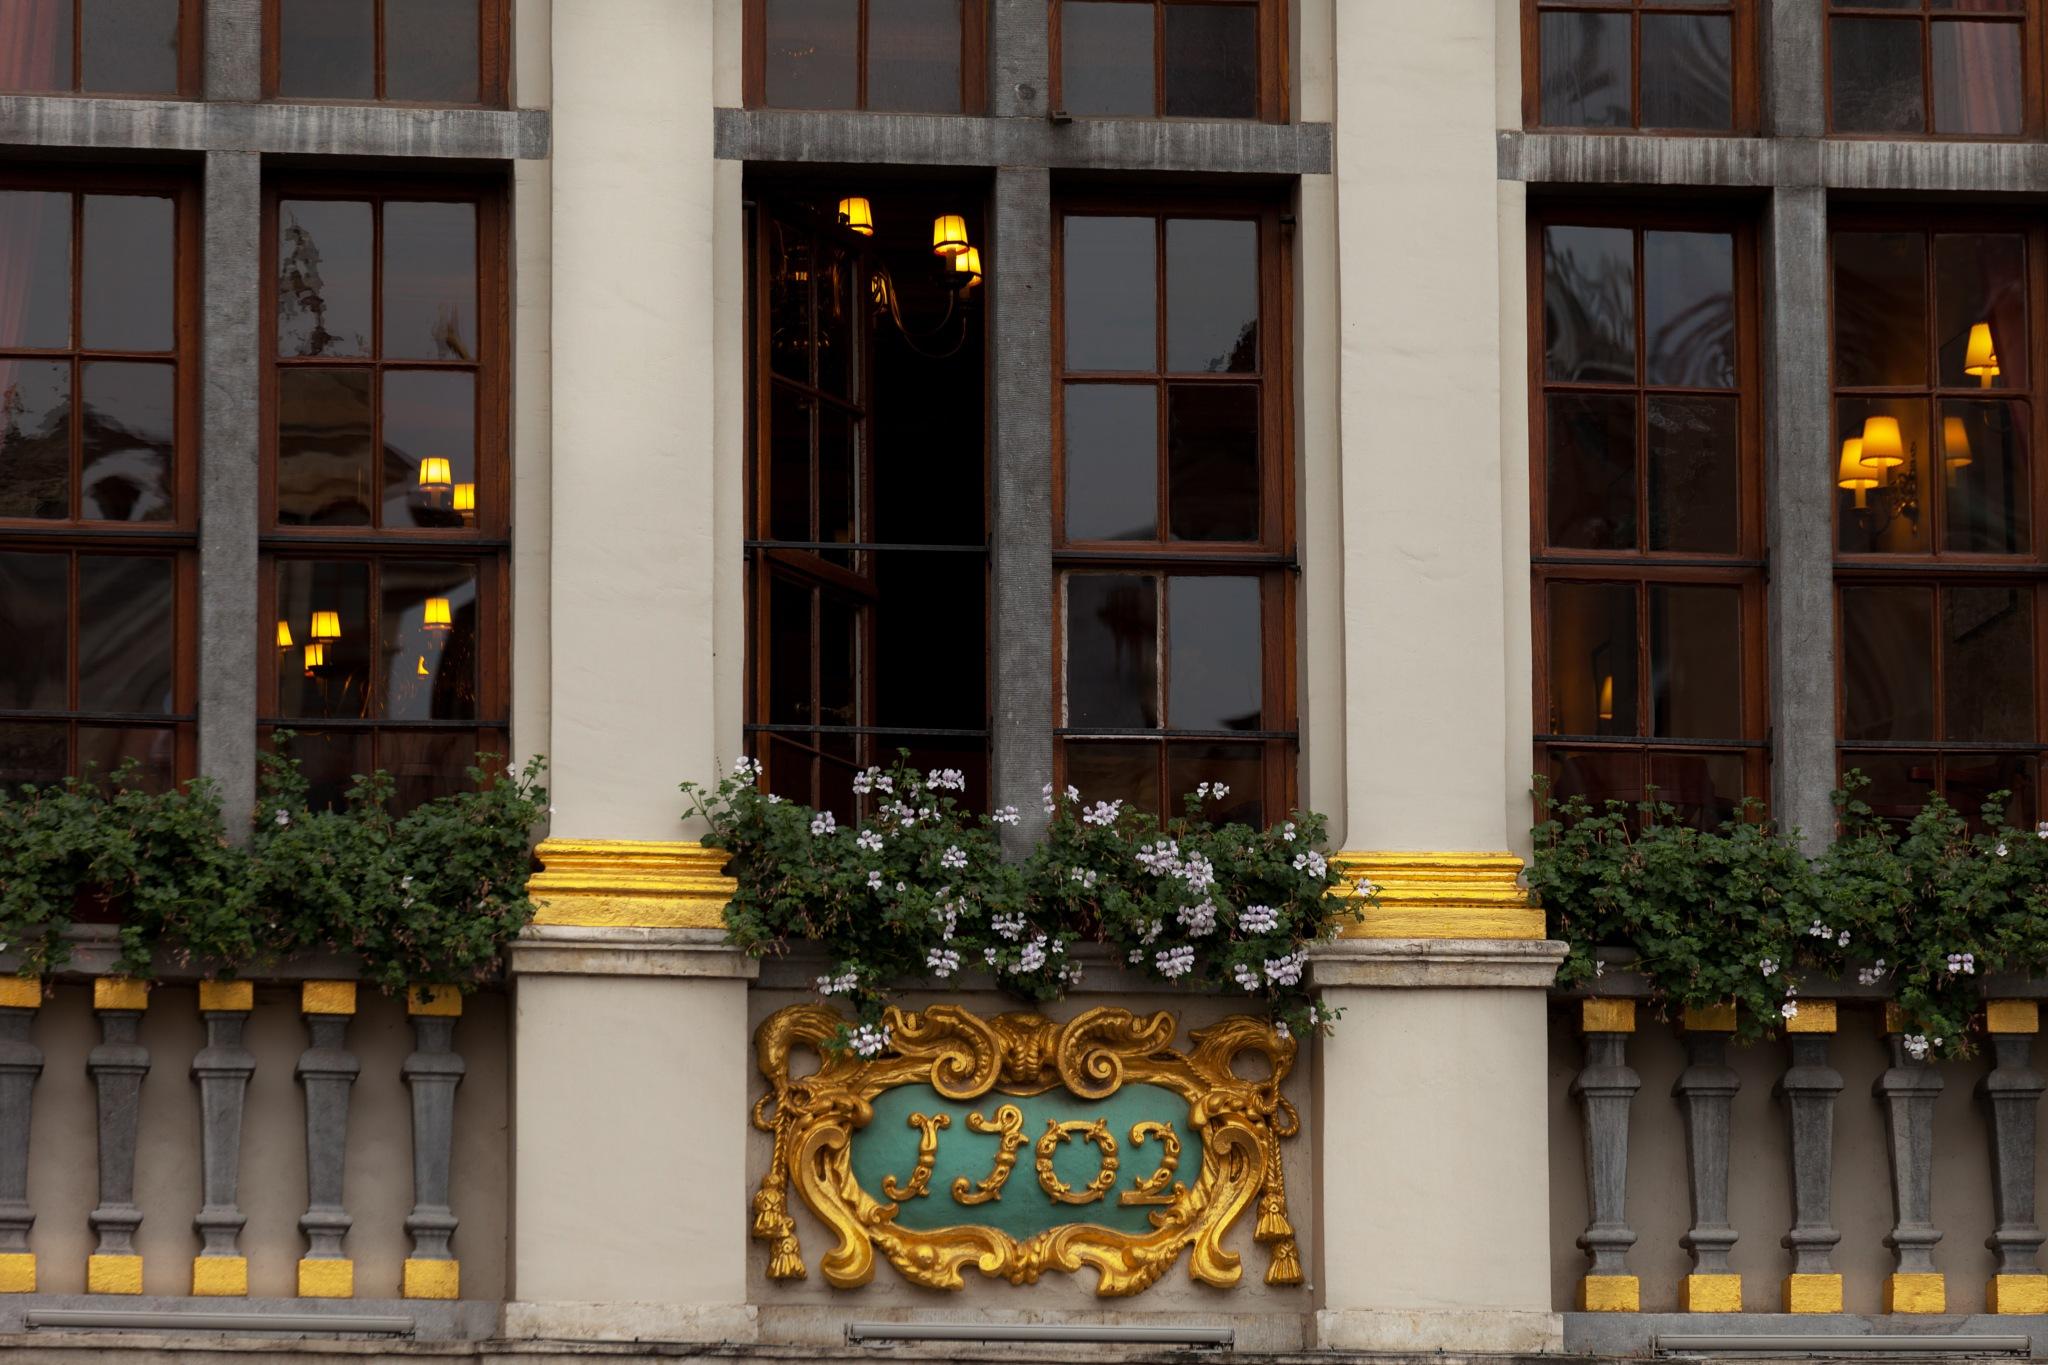 windows of Brussels by Elena Krauze